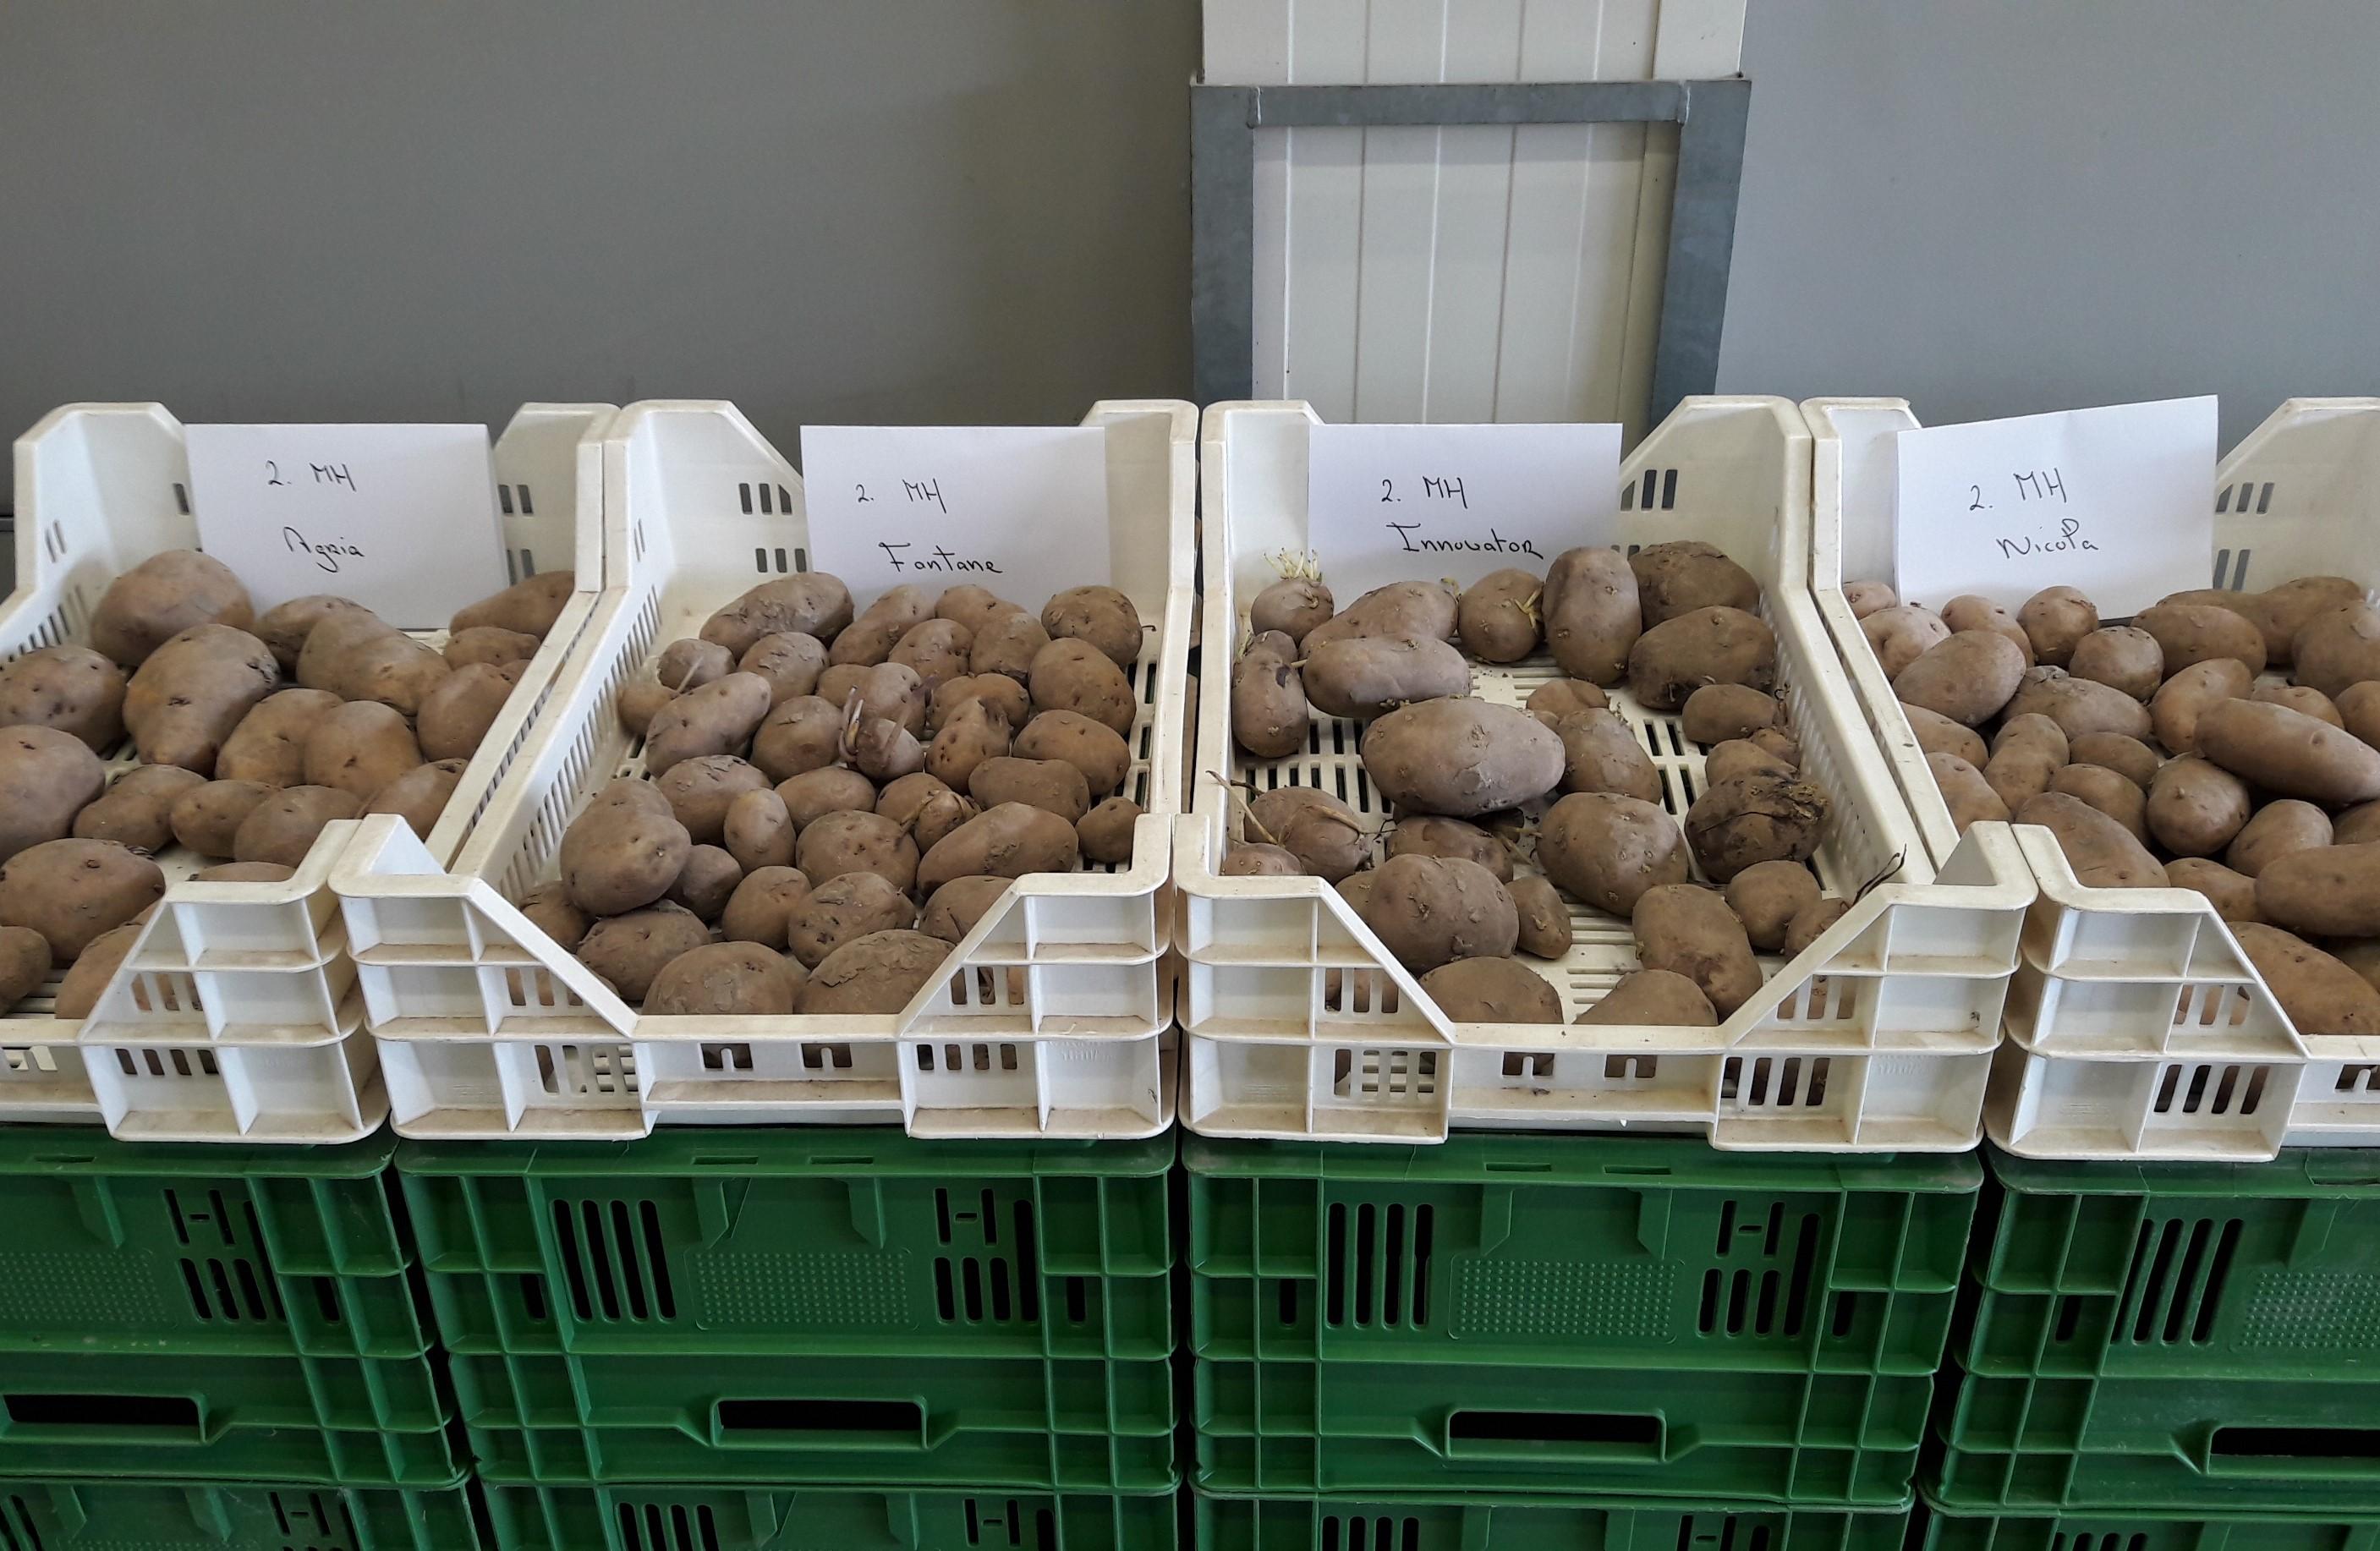 Positief effect van HIMALAYA op aardappel kwaliteit